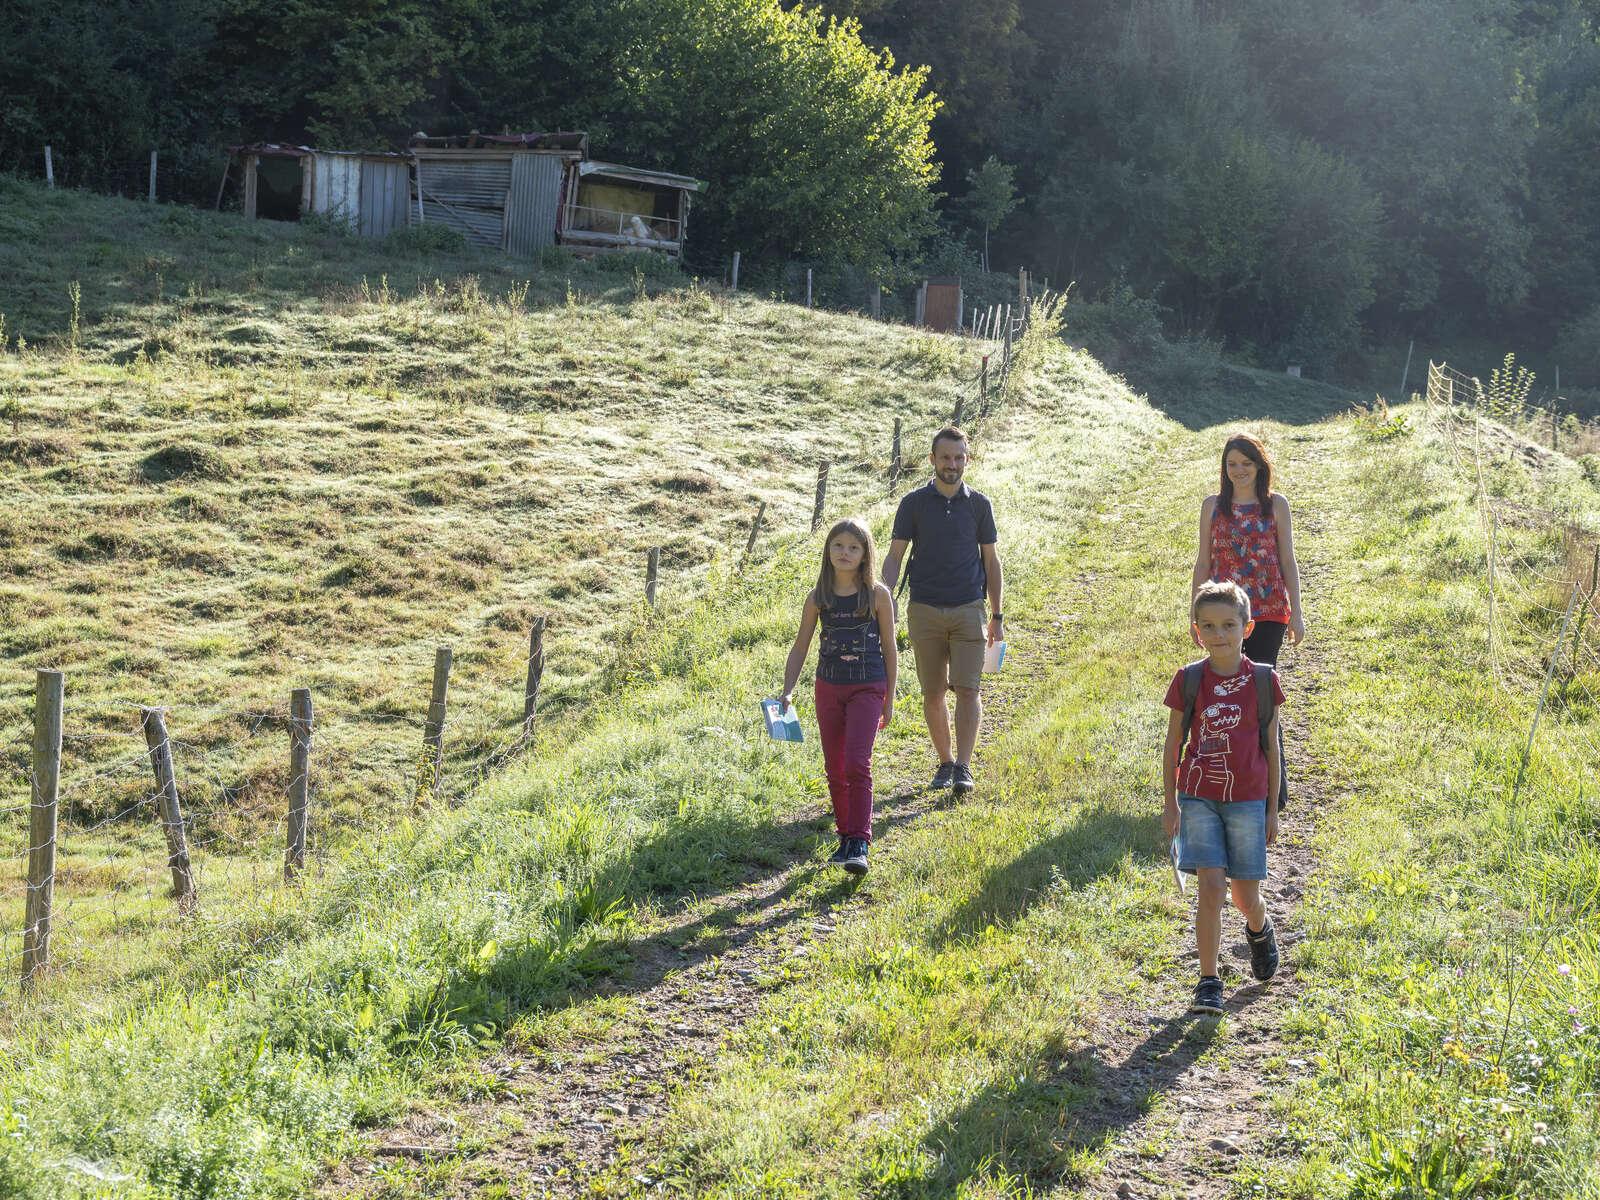 Sentiers Plaisir : Eco-mômes, ensemble, protégeons la nature ! - La Broque